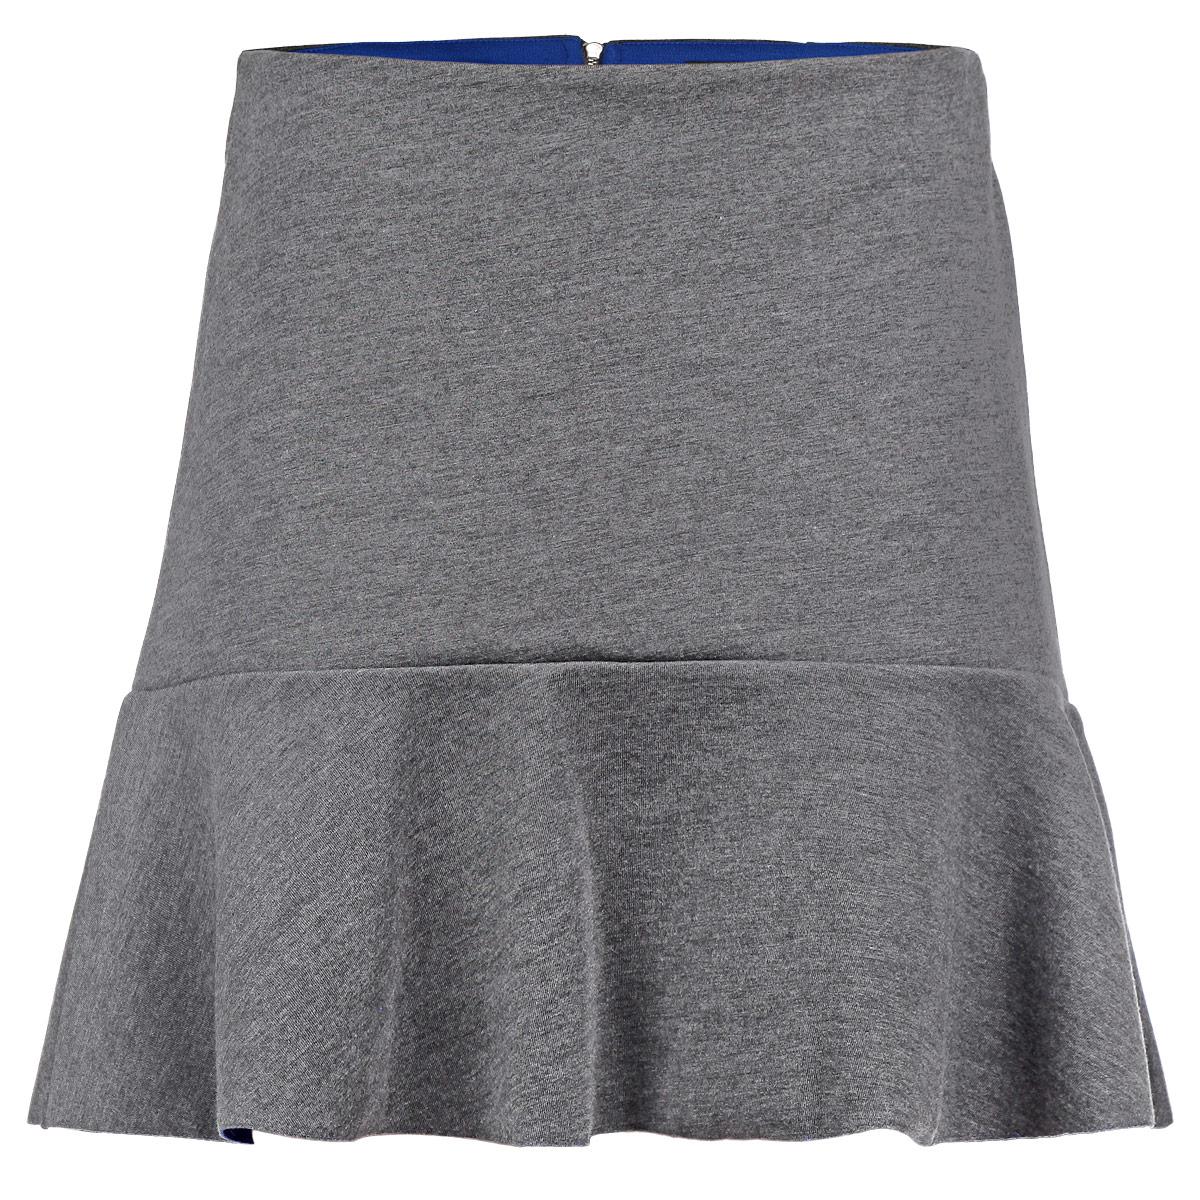 Юбка. SKk-118/758-5322DSKk-118/758-5322DОригинальная юбка Sela выполнена из плотного трикотажа с добавлением эластана, она невероятно мягкая и приятная на ощупь. Очаровательная юбка застегивается на застежку-молнию, расположенную в заднем шве. Юбка имеет ассиметричный подол с контрастной изнанкой, она выгодно подчеркнет ваш силуэт и поможет создать яркий образ. Стильная юбка выгодно освежит и разнообразит любой гардероб. Создайте женственный образ и подчеркните свою индивидуальность!